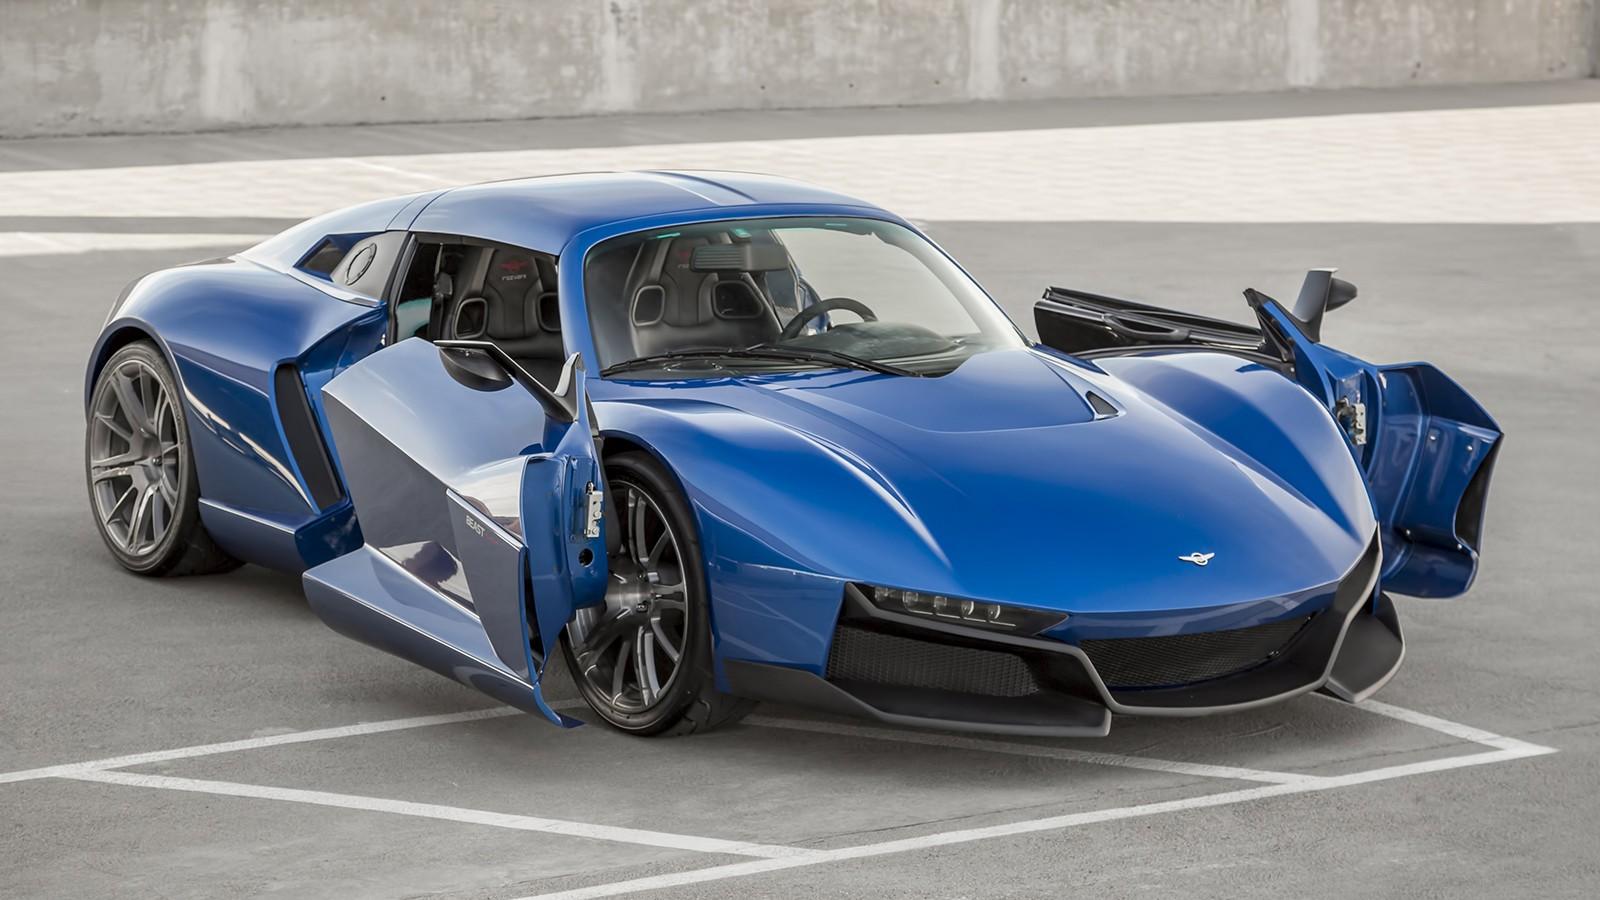 На фото: Rezvani Beast Alpha. Автомобиль получил оригинальный механизм открытия дверей